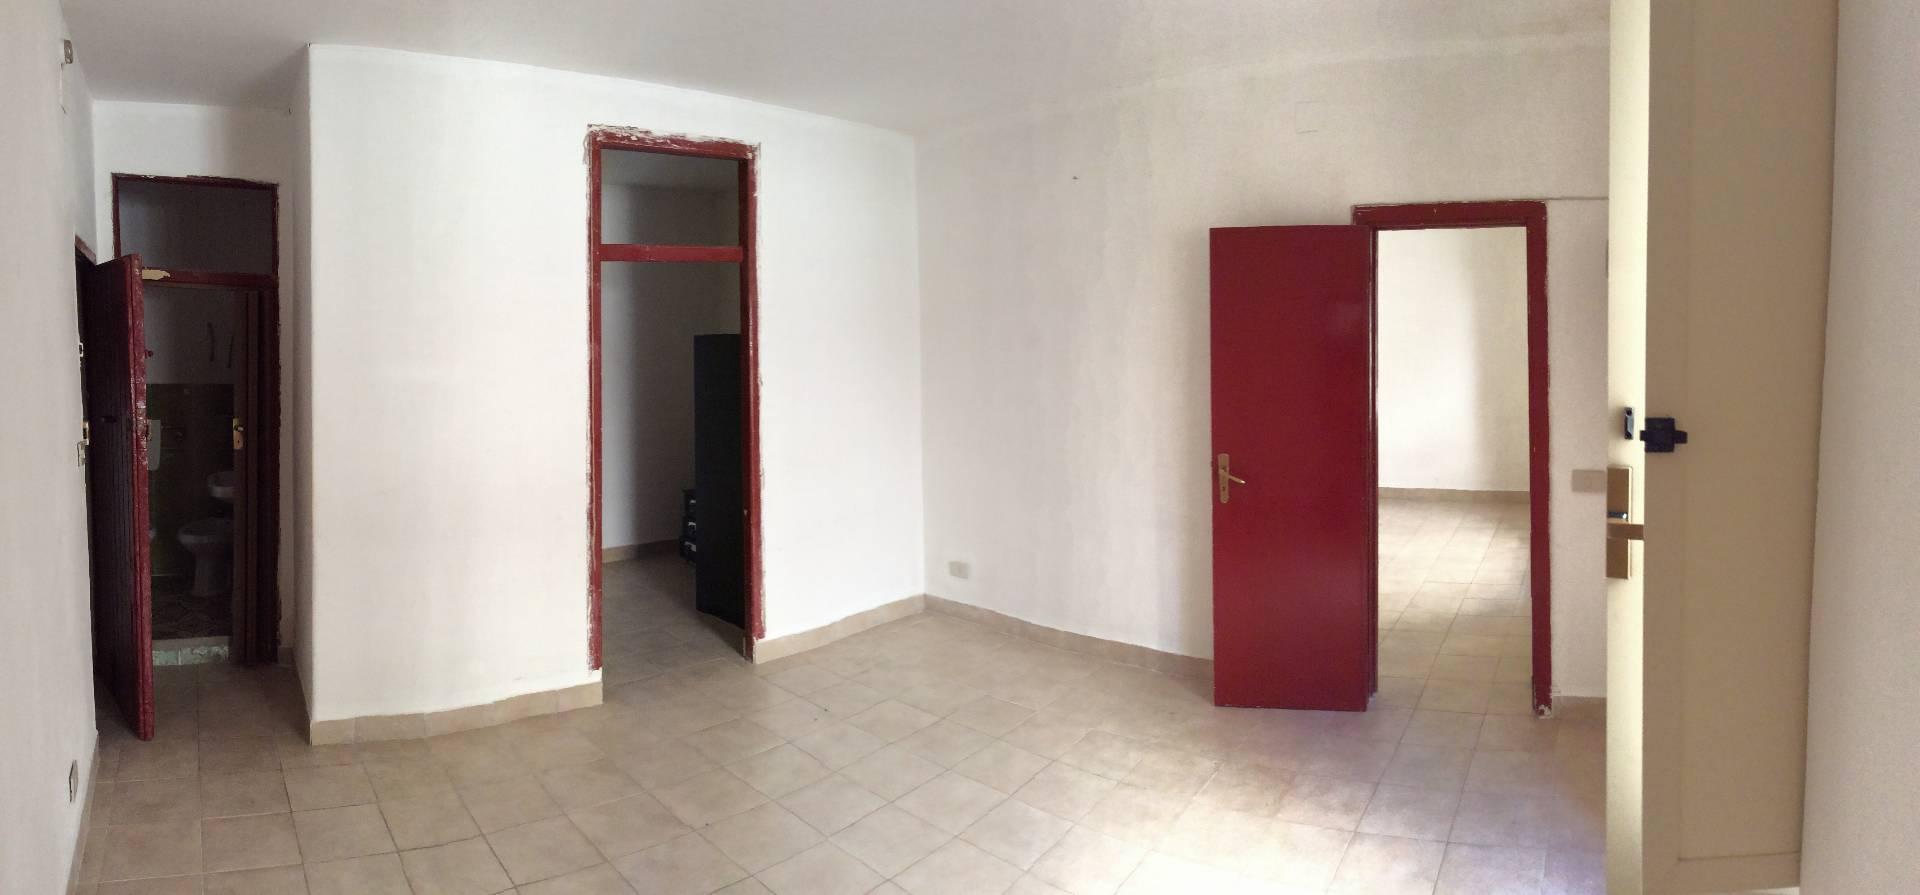 Palazzo / Stabile in vendita a Palermo, 6 locali, zona Località: BorgoVecchio, prezzo € 72.000 | Cambio Casa.it